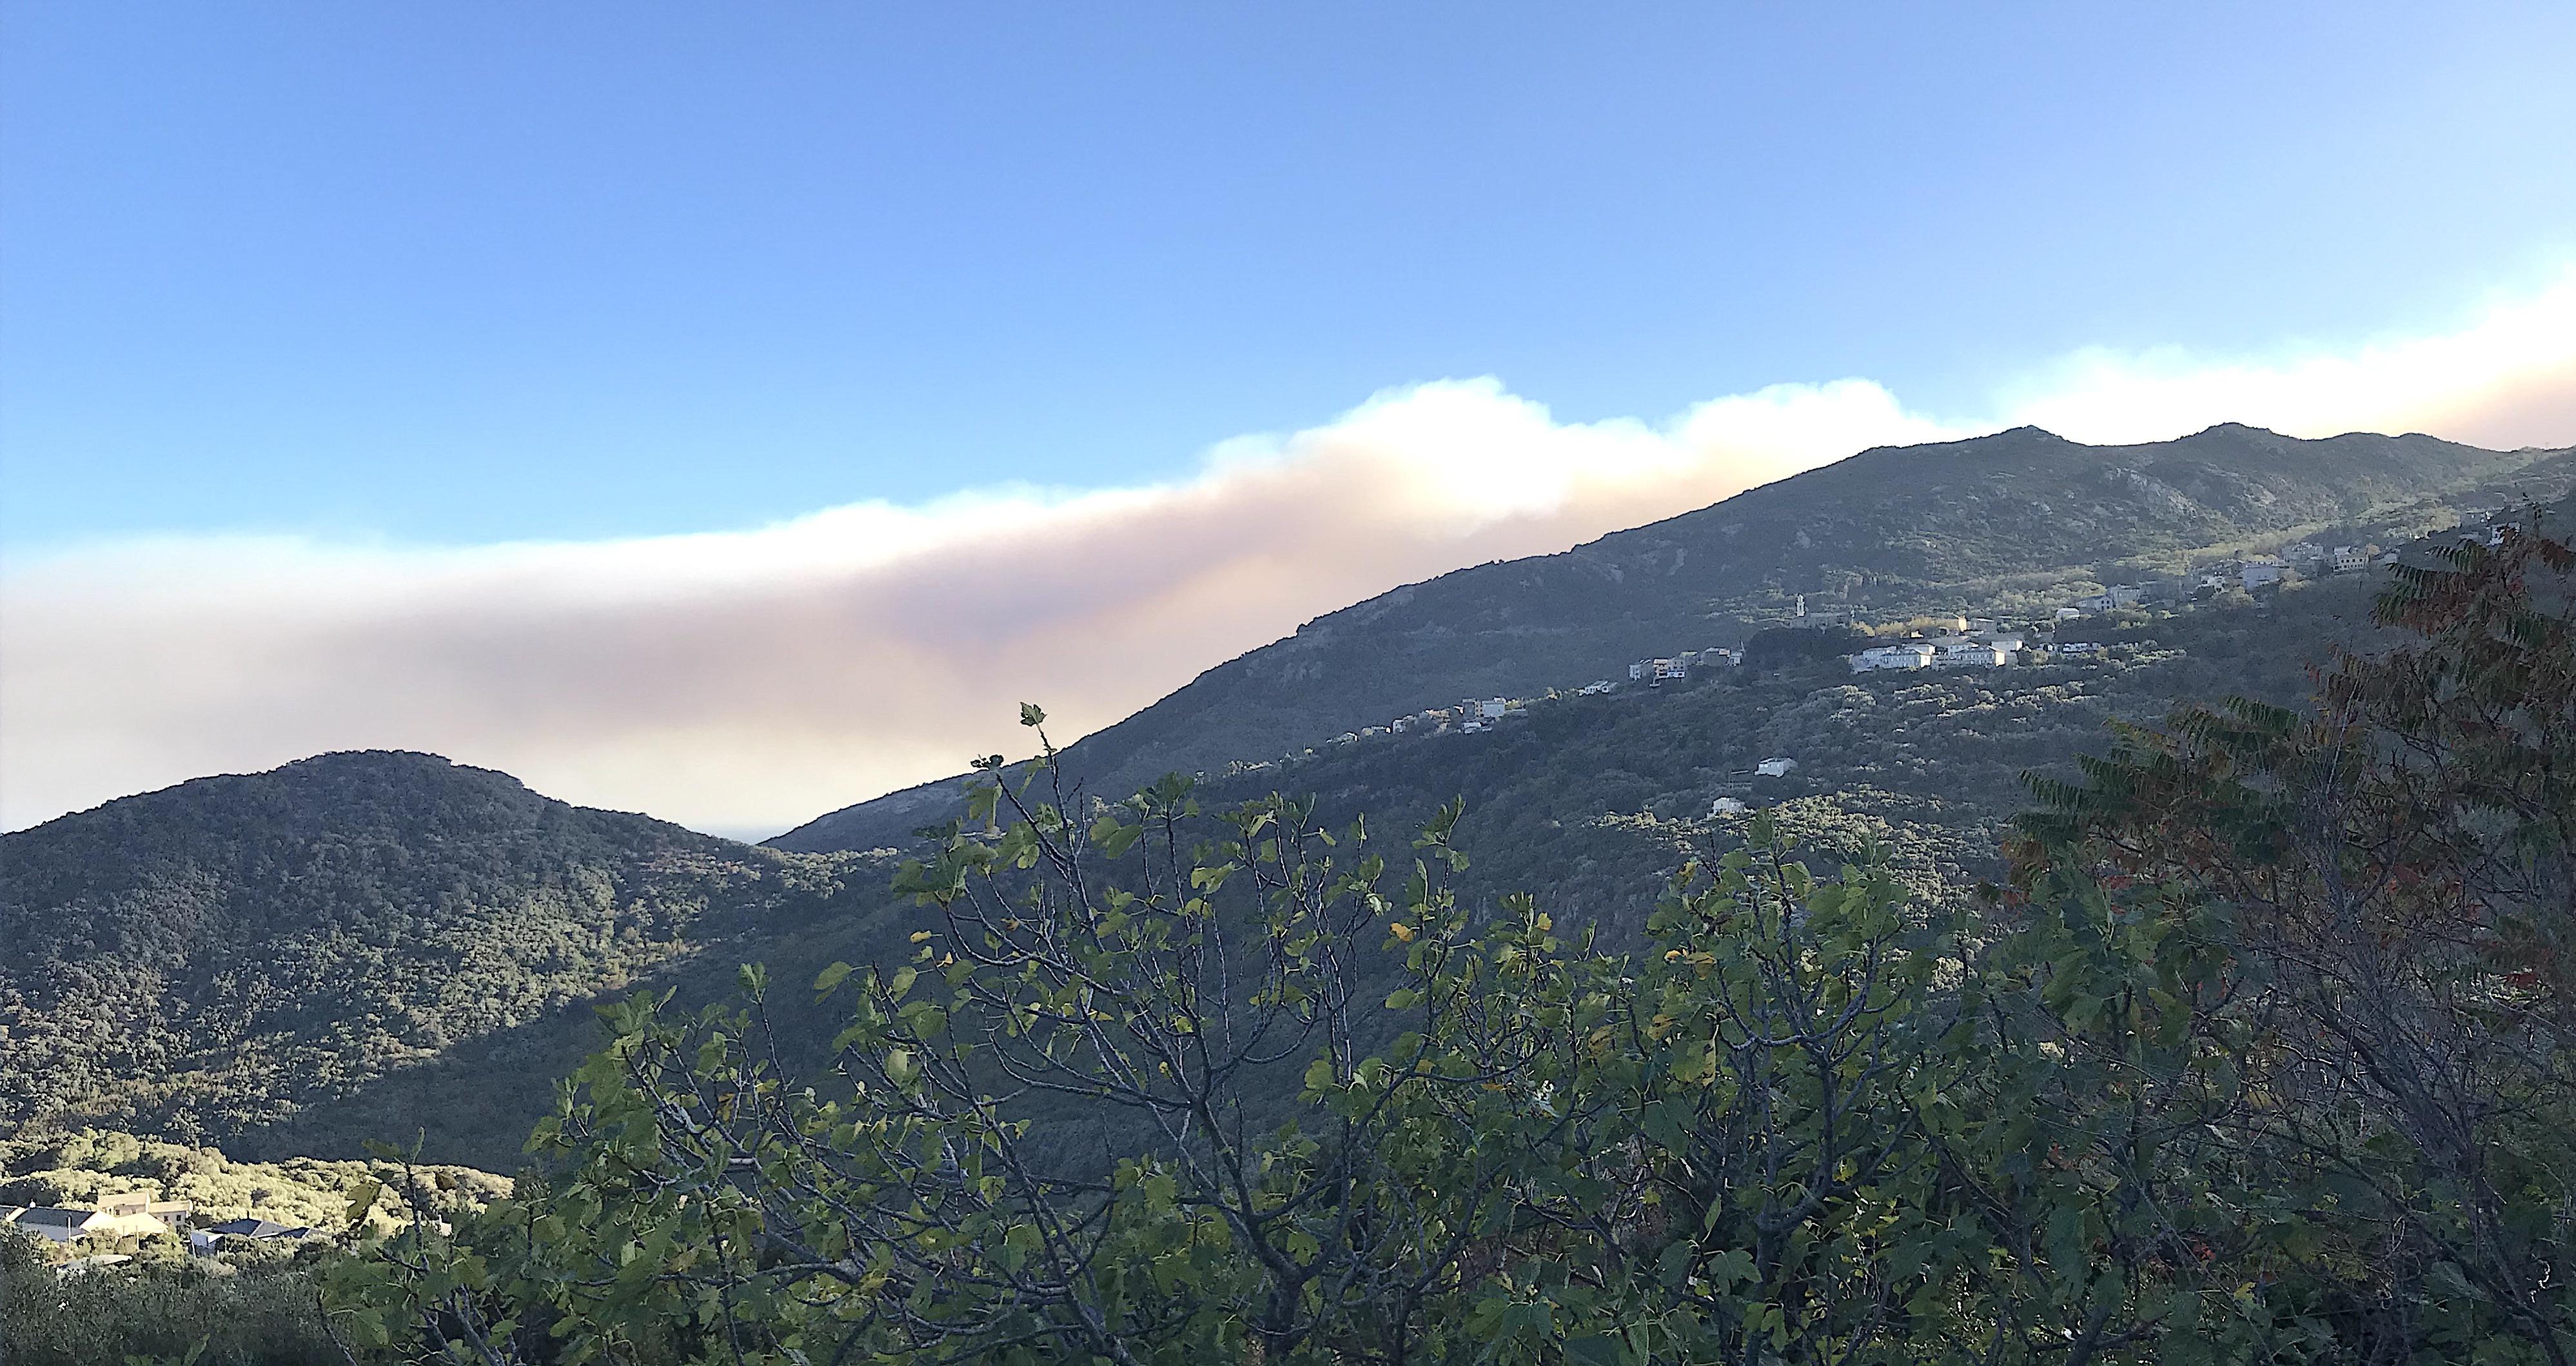 Le panache de fumée de Ville-di-Paraso au-dessus de la région bastiaise